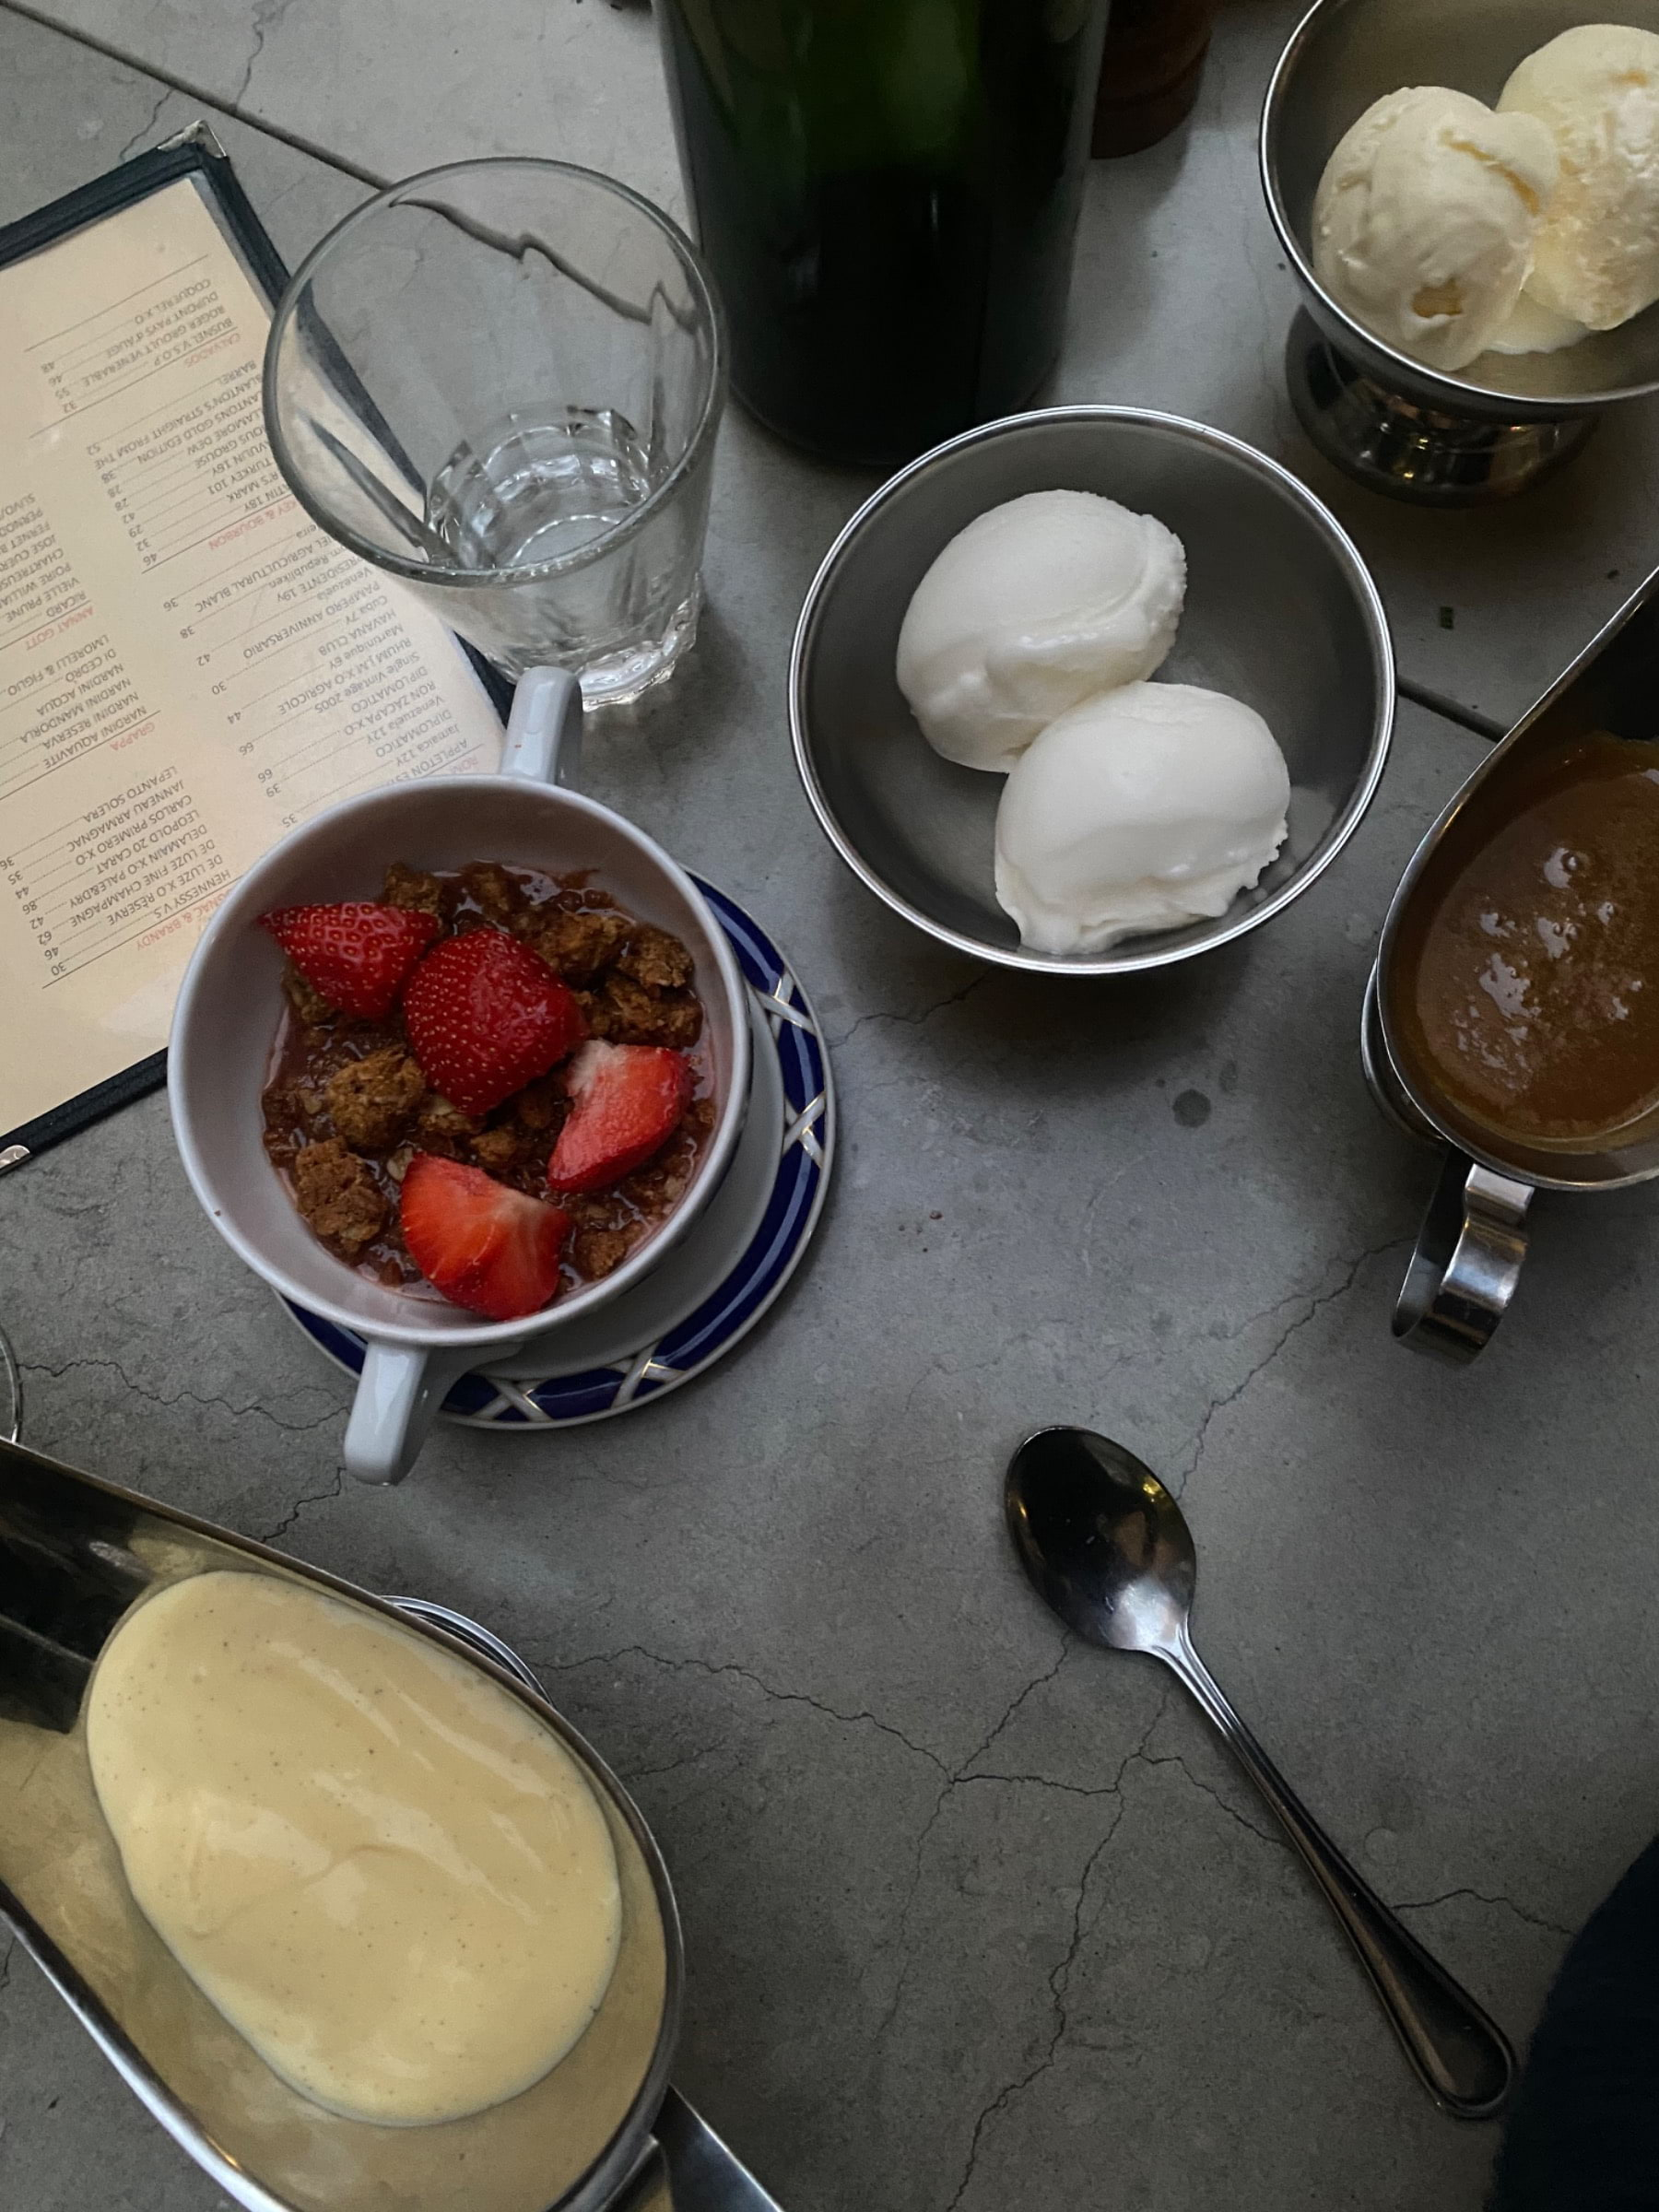 Rabarberpaj och glass – Bild från Styrelsen Bar & Bistro av Adam L.